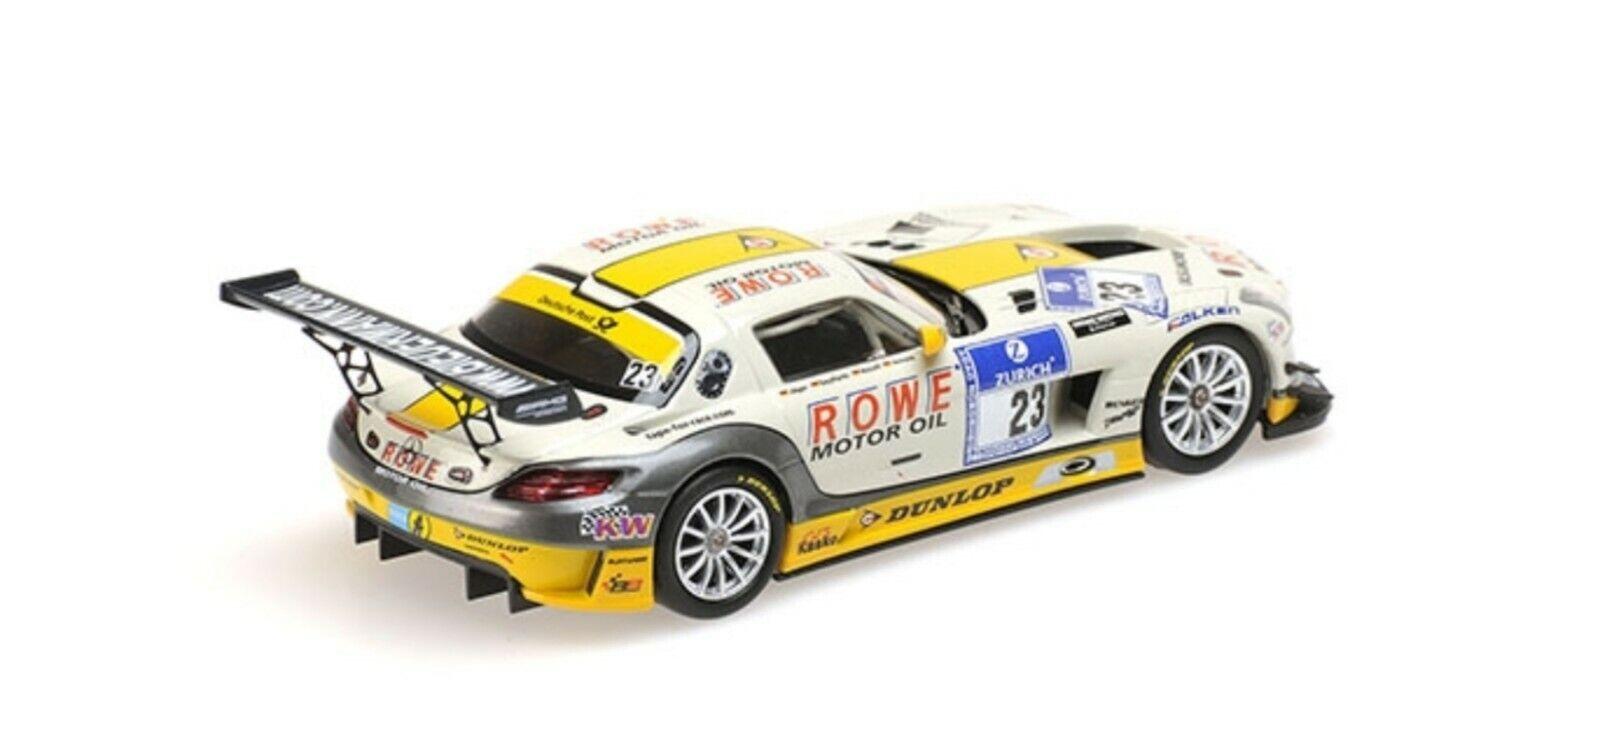 1:43 Mercedes SLS n°23 Nurburgring 2013 1/43 • MINICHAMPS 410133223 #